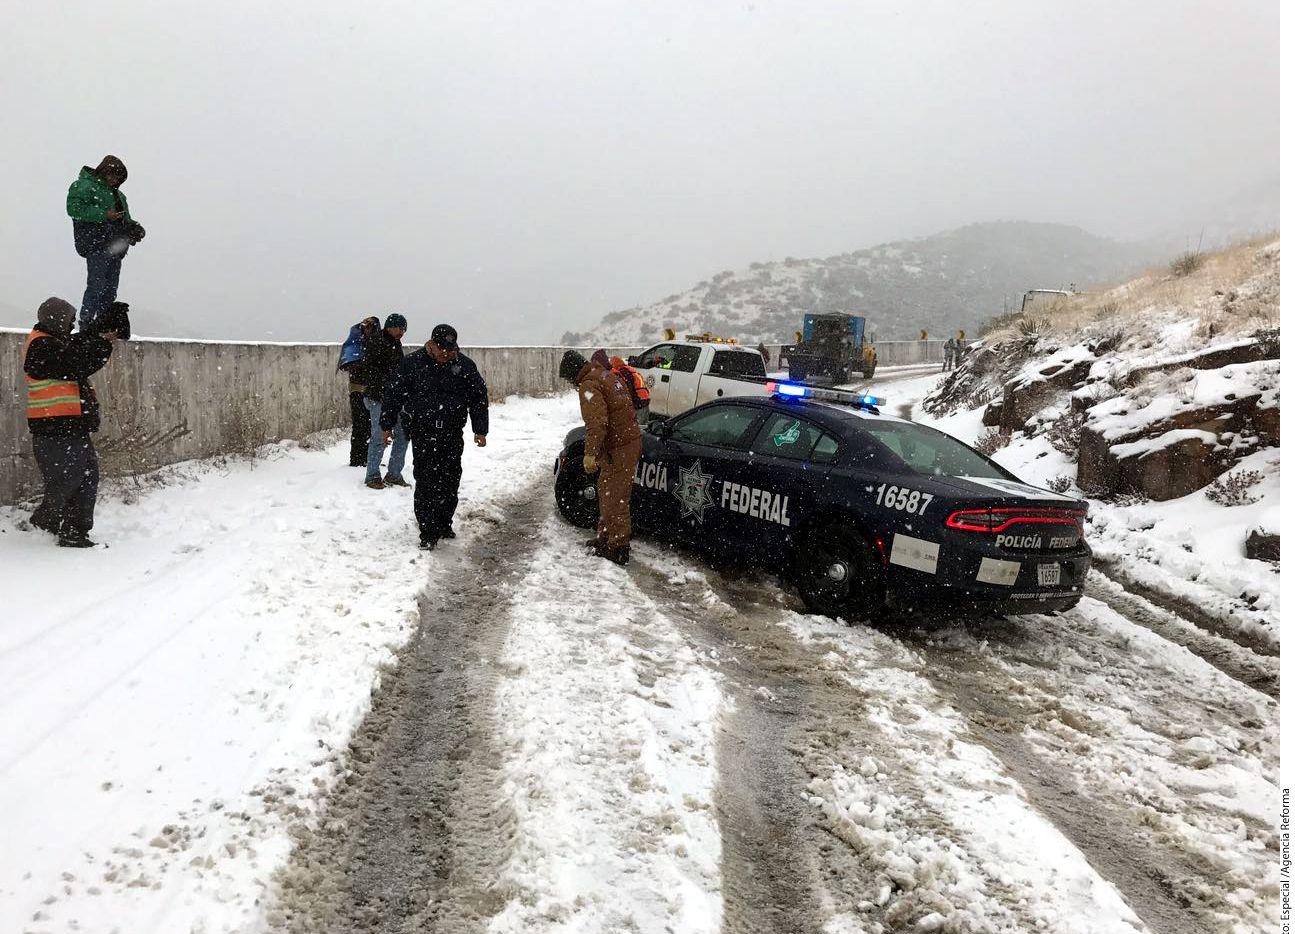 El Gobierno de Chihuahua solicitará a la Federación declaratoria de emergencia tras afectaciones en 44 municipios por tormenta invernal./ AGENCIA REFORMA